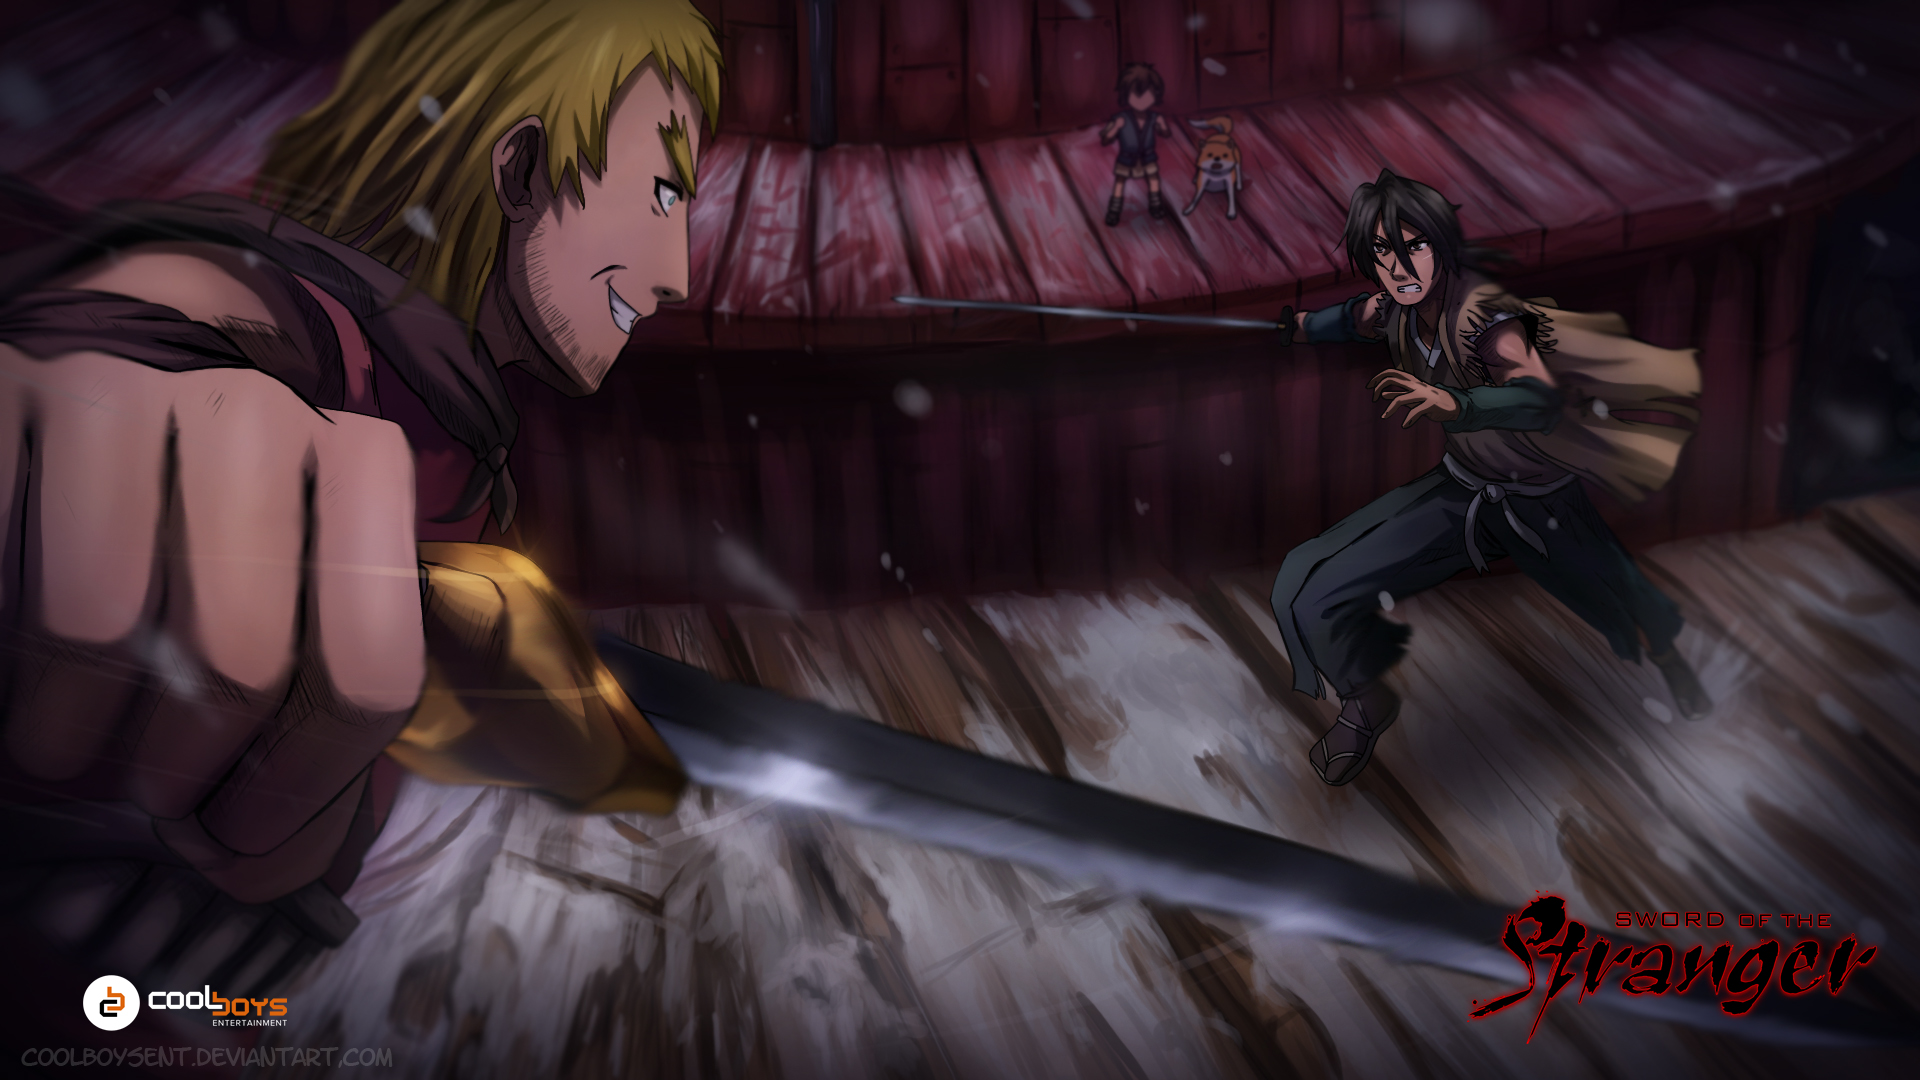 sword of the stranger fan art